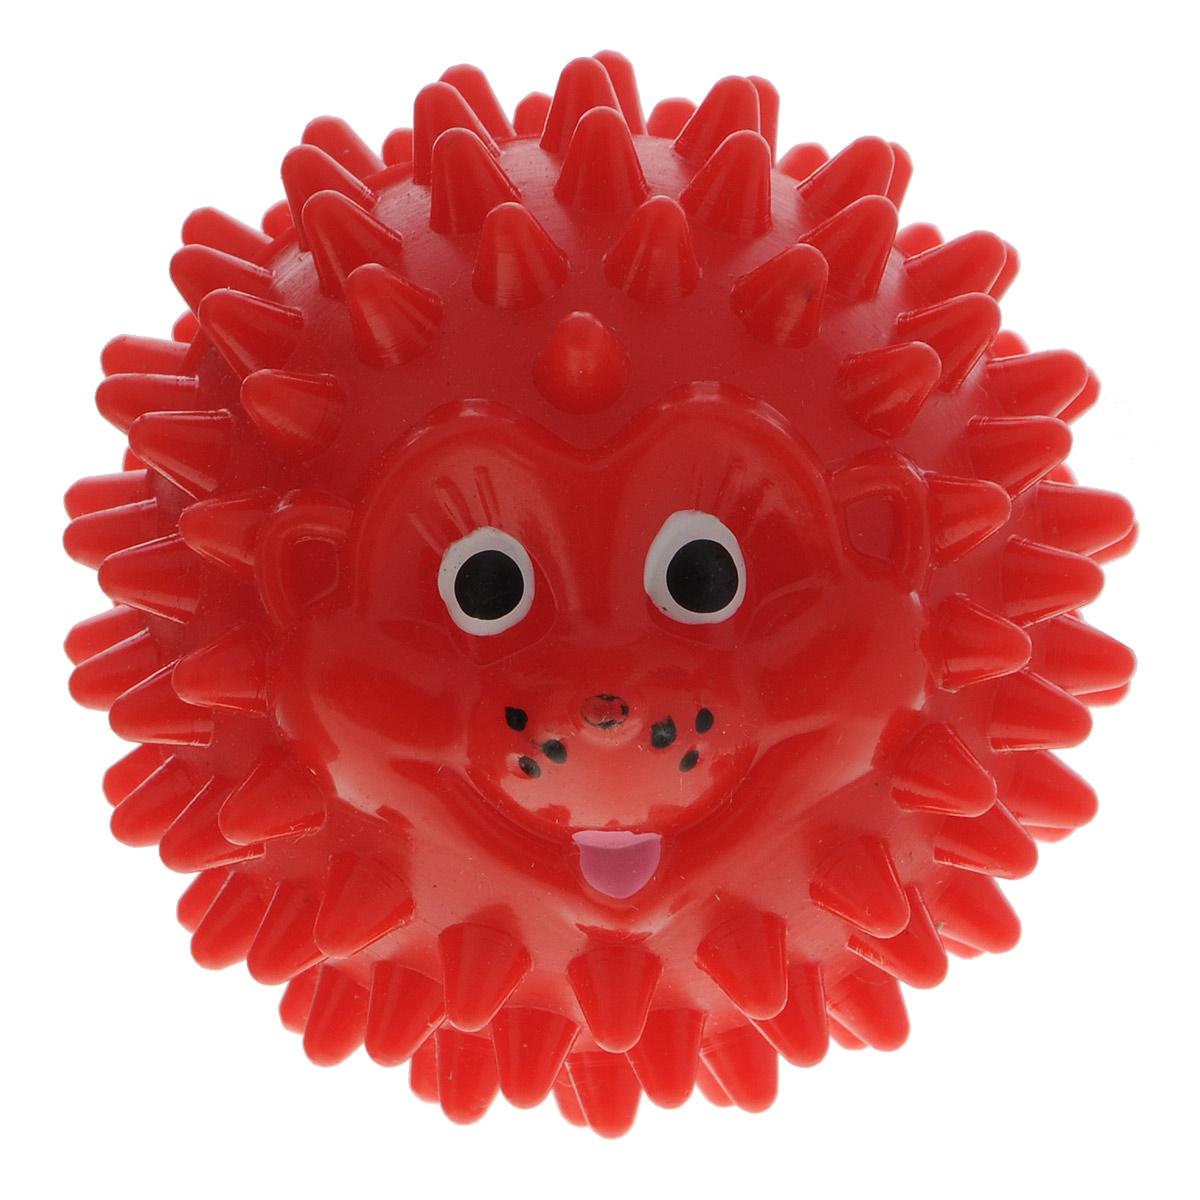 Массажер Дельтатерм Шарик-Ежик, цвет: красный, диаметр 50 мм00-00000225С помощью массажного мяча Шарик-Ежик можно самостоятельно проводить мягкий массаж ладоней, стоп и всего тела. Такой массаж способствует повышению кожно-мышечного тонуса, уменьшению венозного застоя и ускорению капиллярного кровотока, улучшению функционирования периферической и центральной нервных систем. Идеально подходит для проведения массажа у маленьких детей. Развивает мышление, координацию движений и совершенствует моторику нежных пальчиков малыша и является интересной веселой игрушкой.